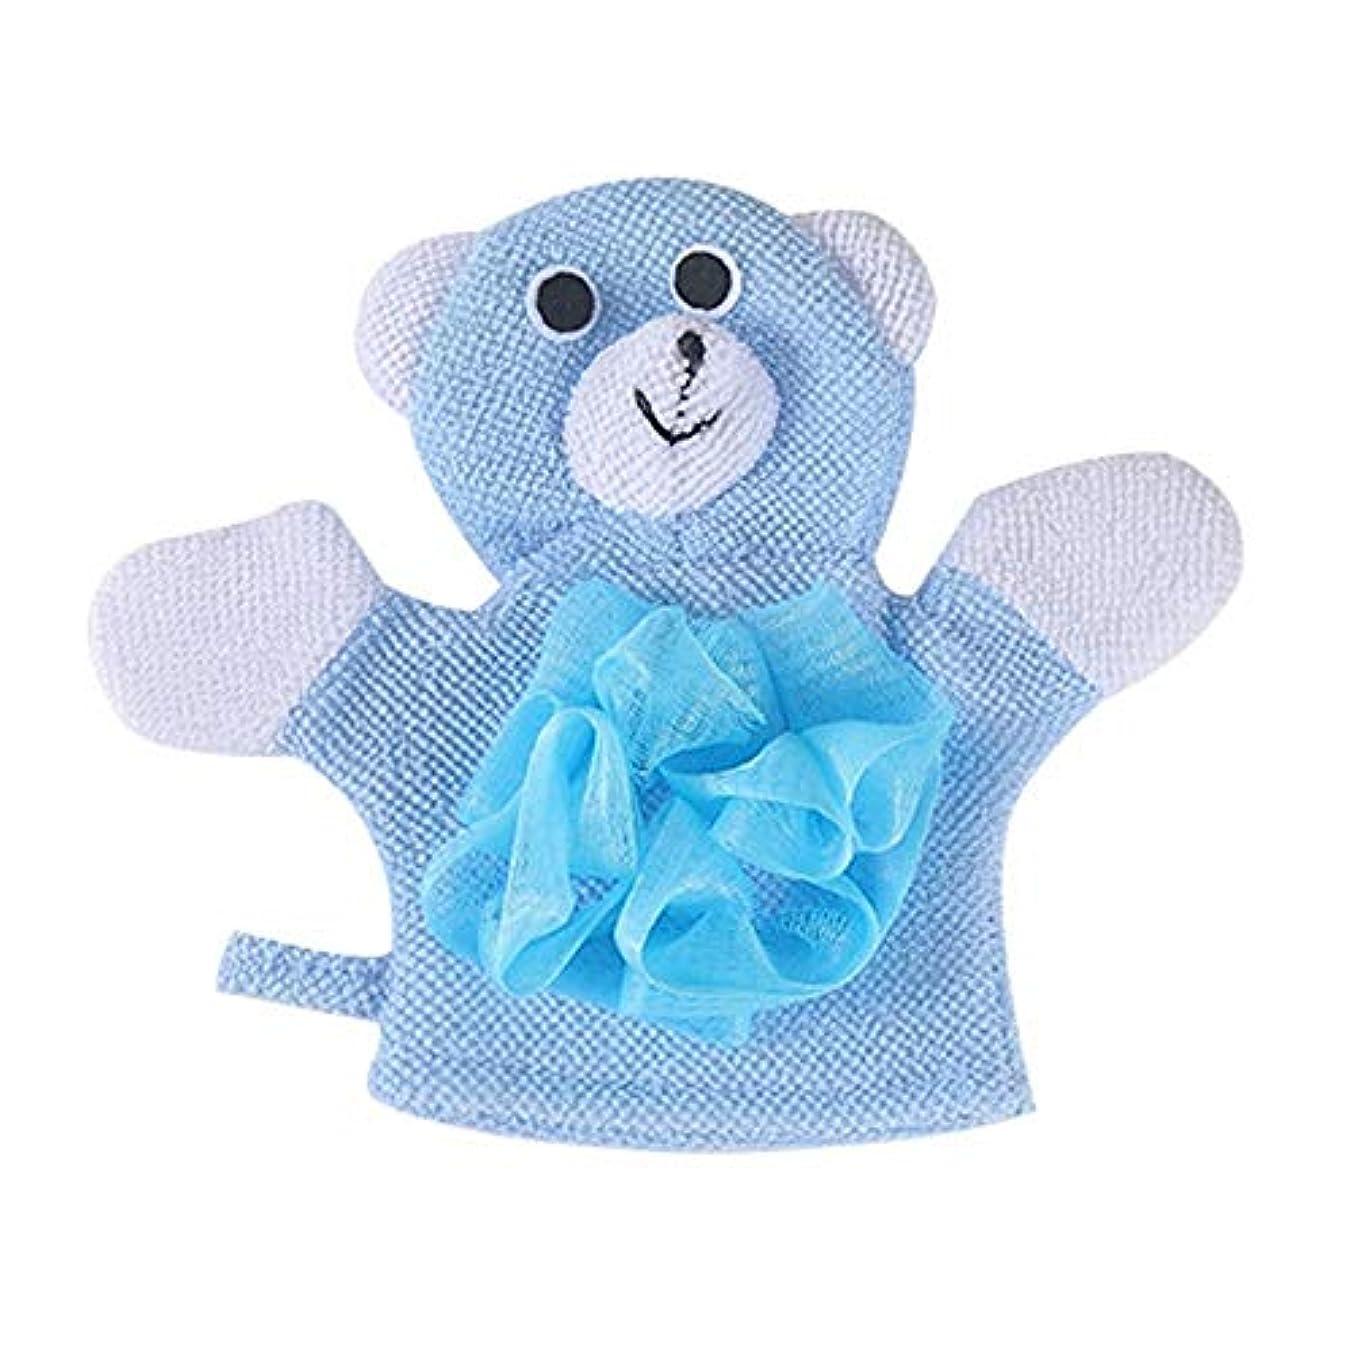 苦痛診療所スパイラルBTXXYJP お風呂用手袋 あかすり シャワー手袋 ボディブラシ やわらか バス用品 ボディタオル 角質除去 (Color : Blue)